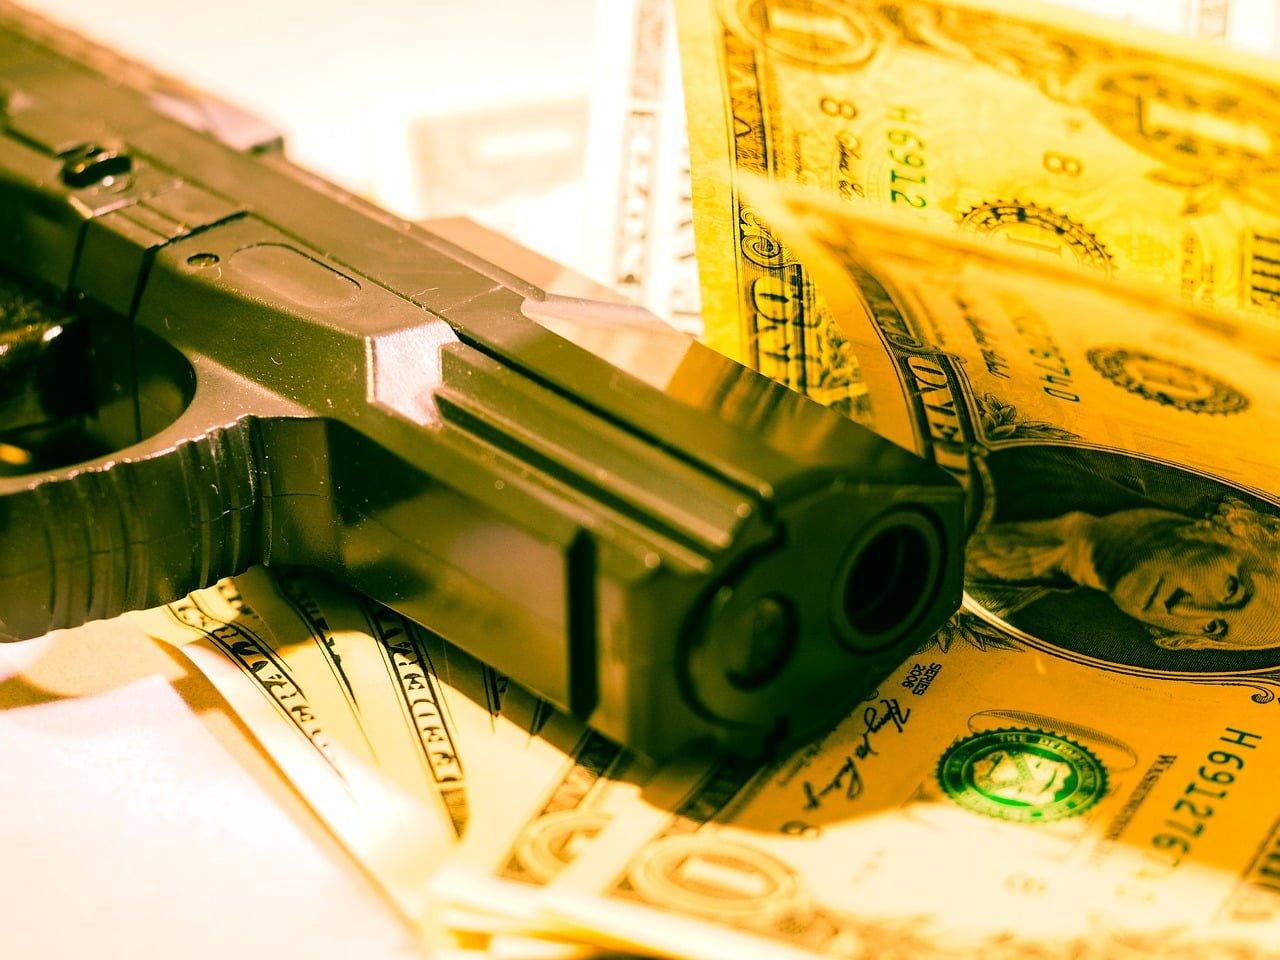 """""""Napad na bankiet"""" - spektakularna kradzież z włamaniem i jej konsekwencje"""